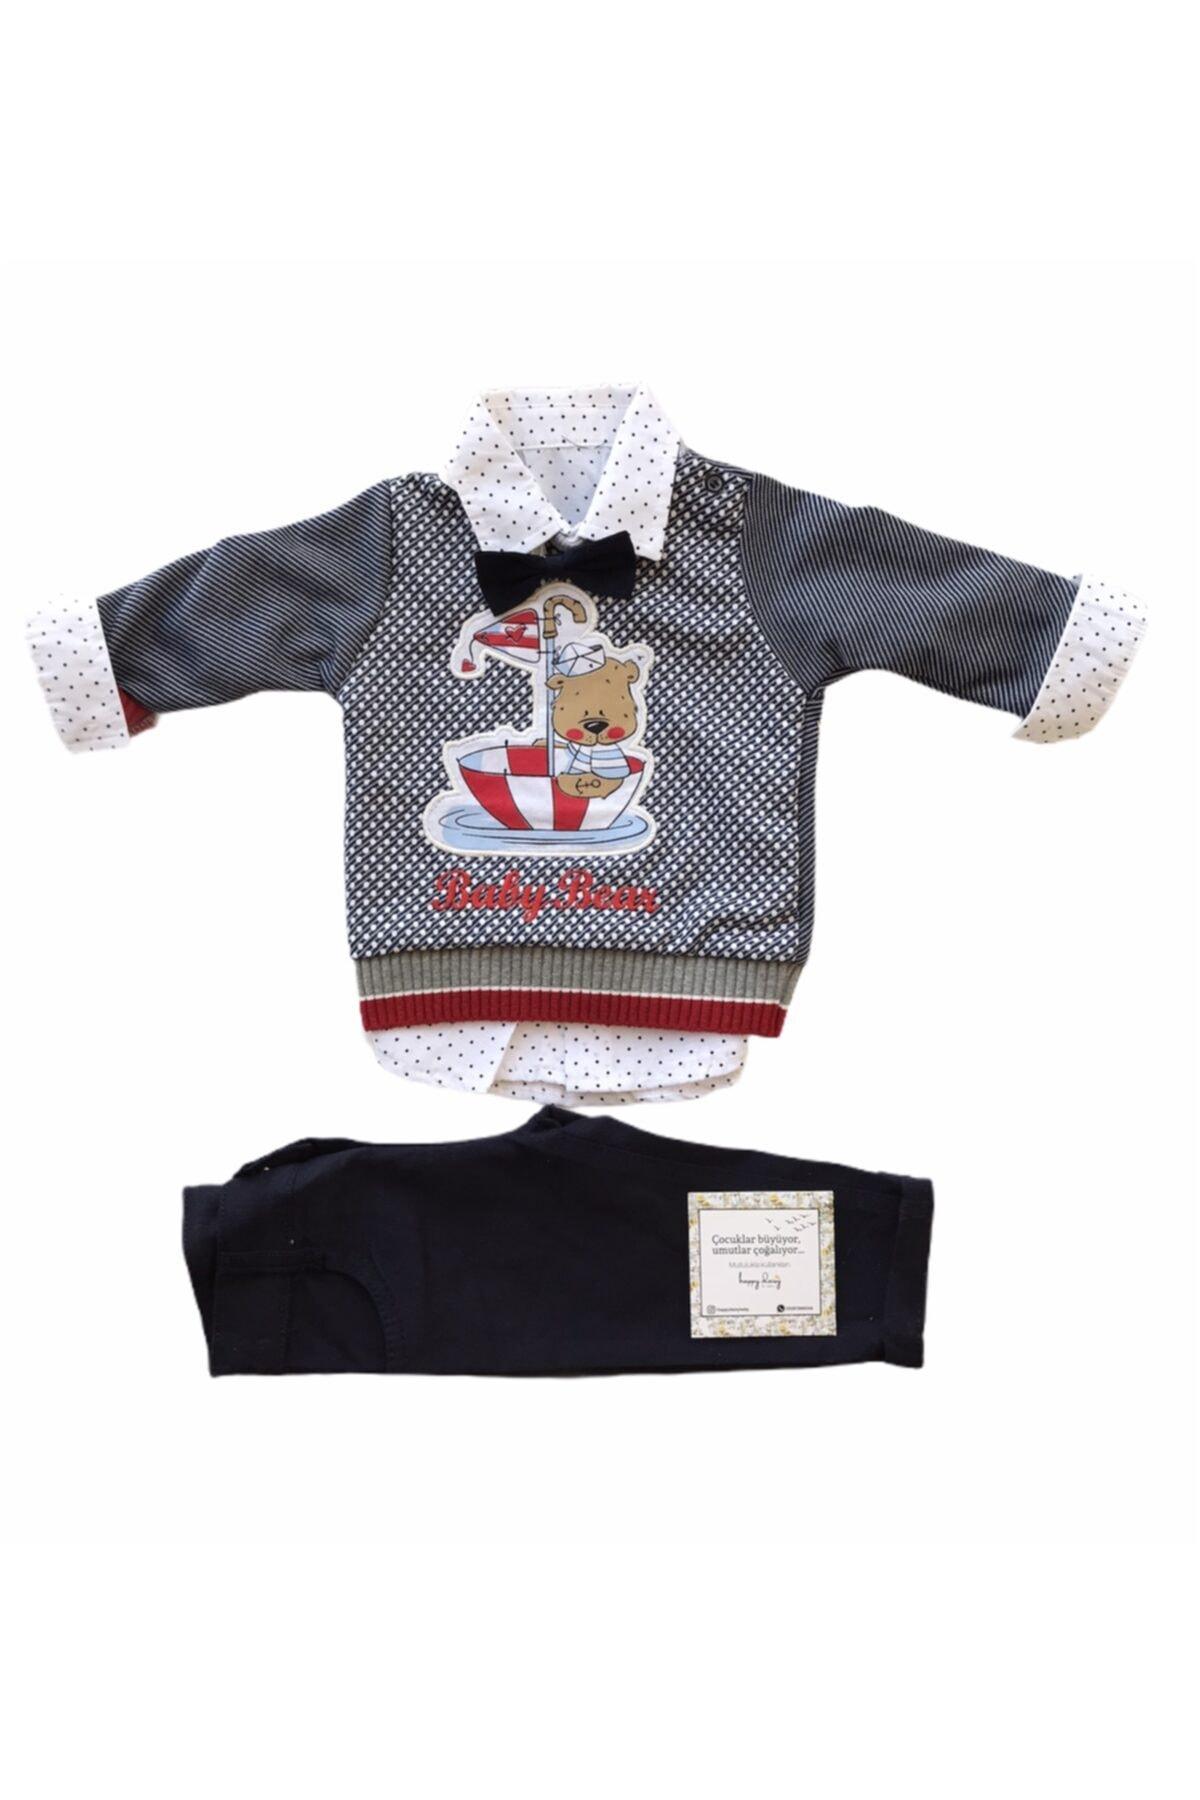 Consept Concept Baby 3lü Gömlekli Papyonlu Erkek Bebek Takım 2